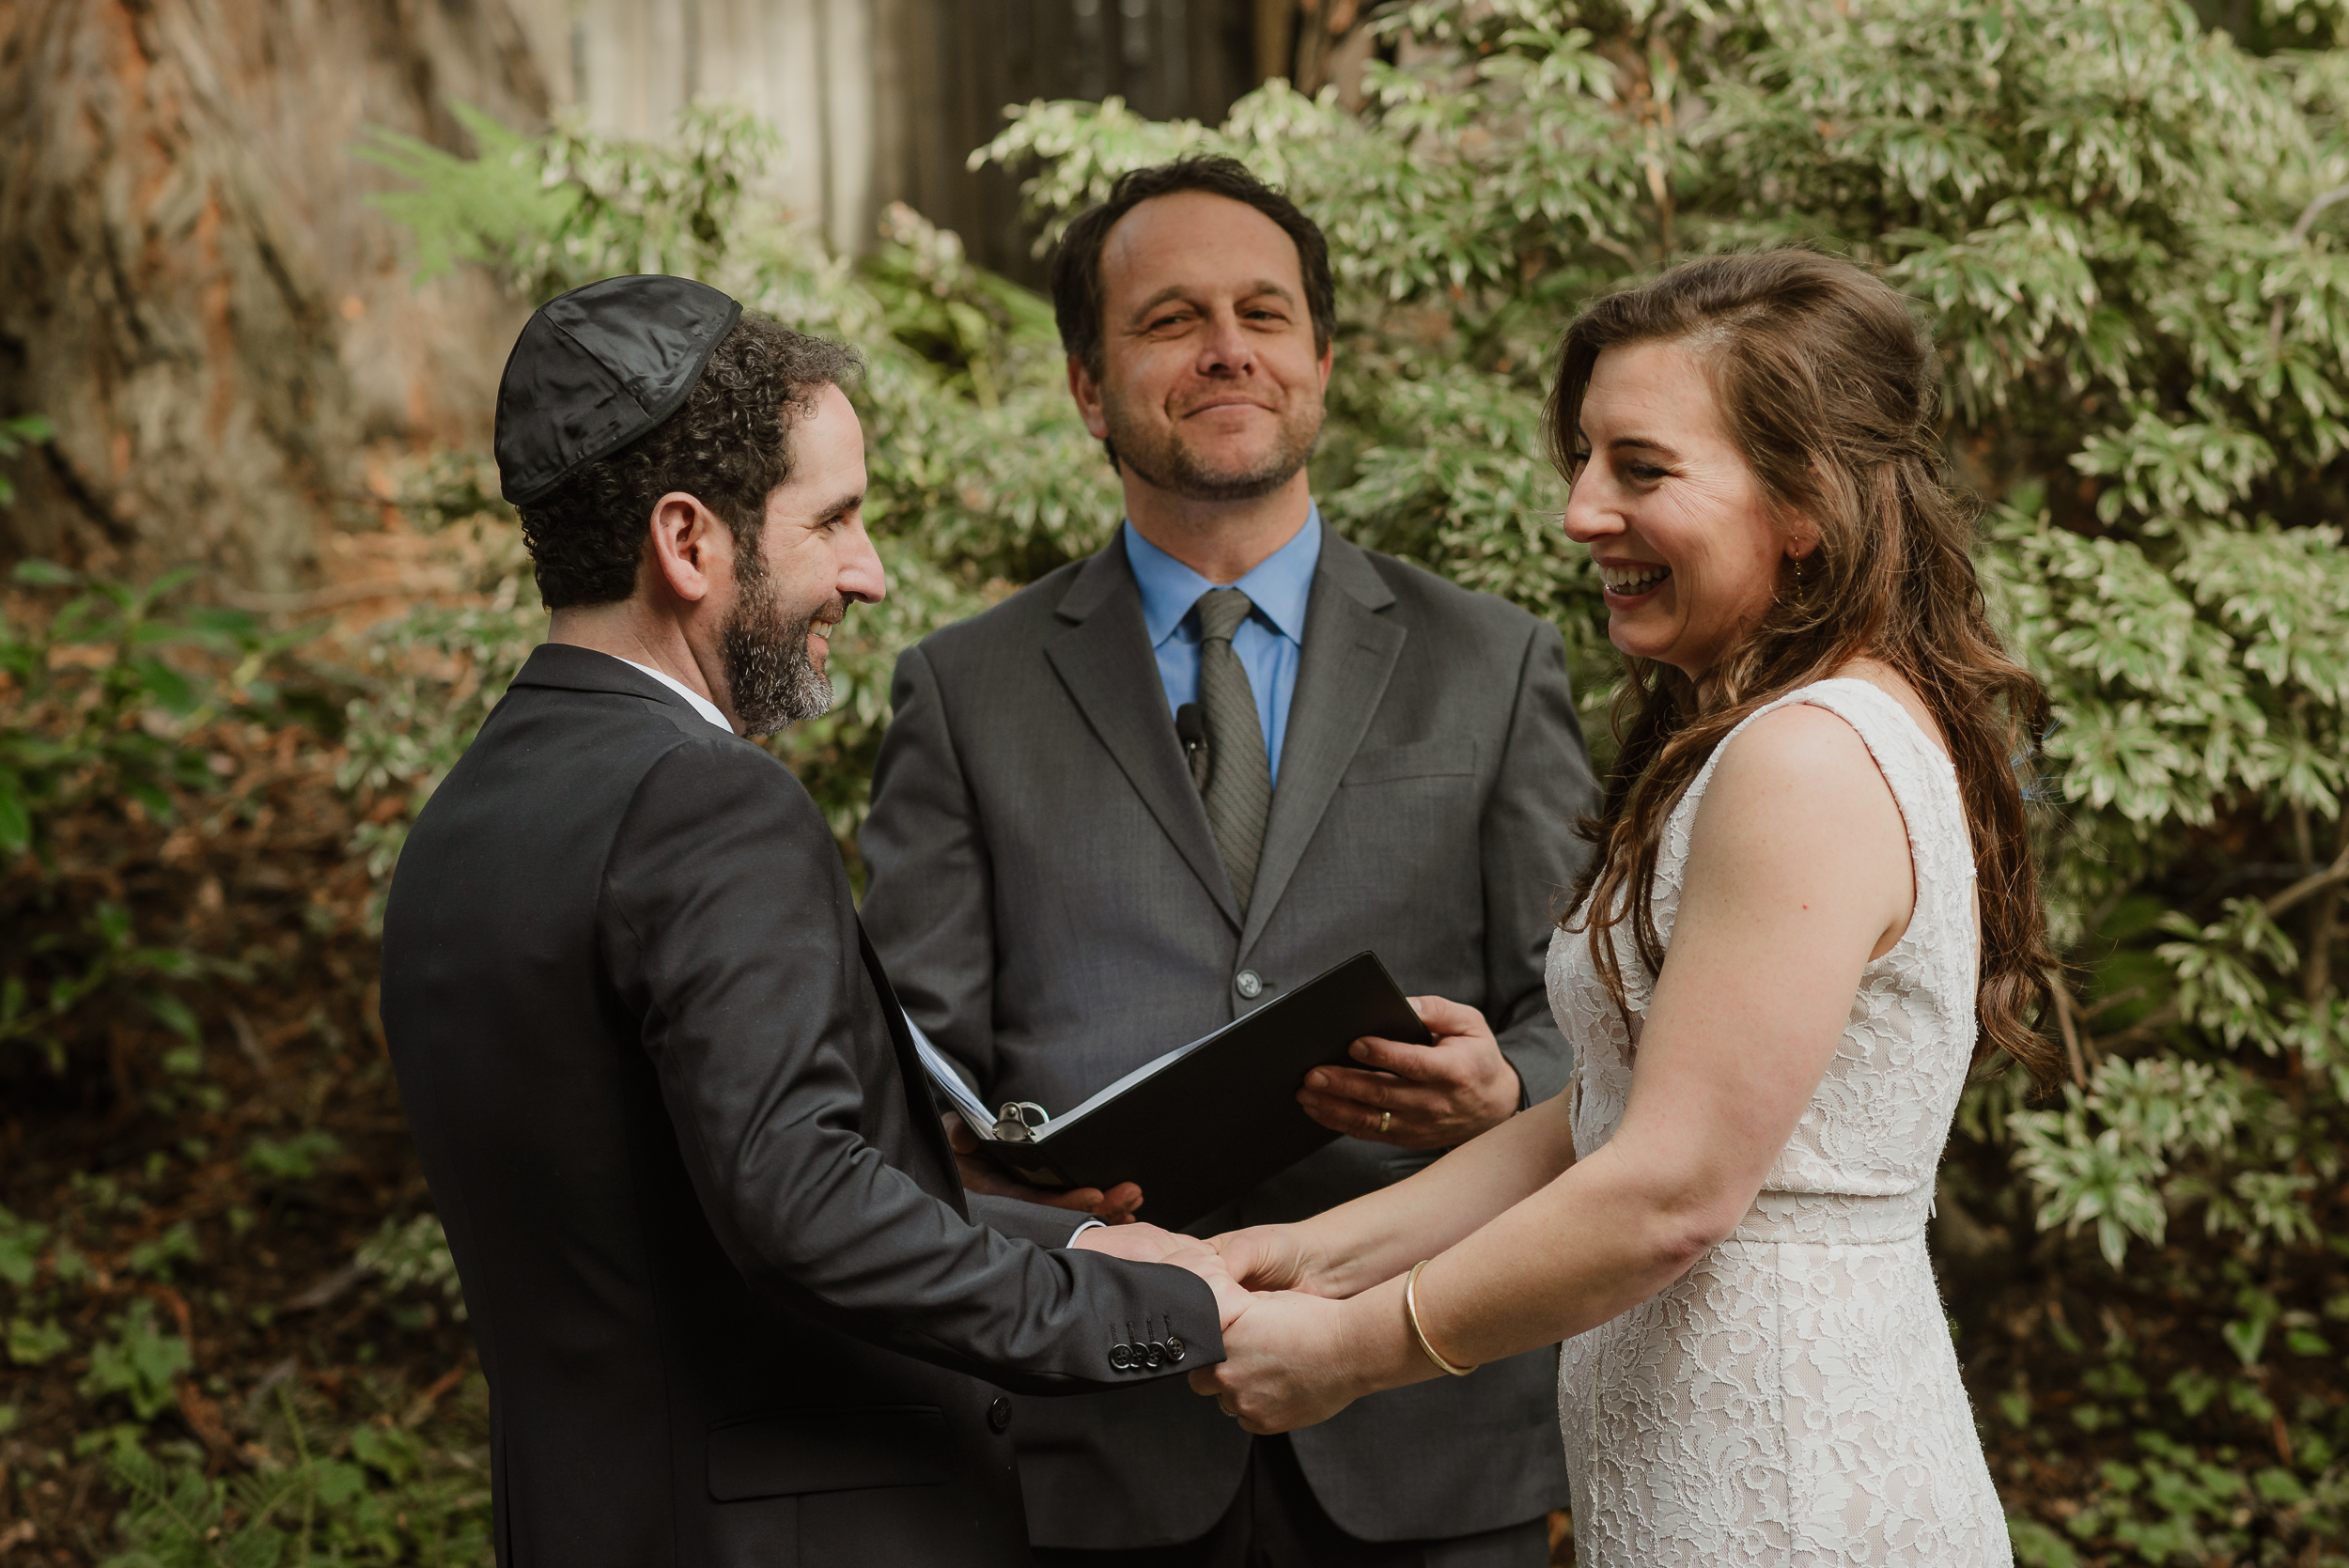 027winter-mill-valley-wedding-outdoor-art-club-wedding-vivianchen-159.jpg